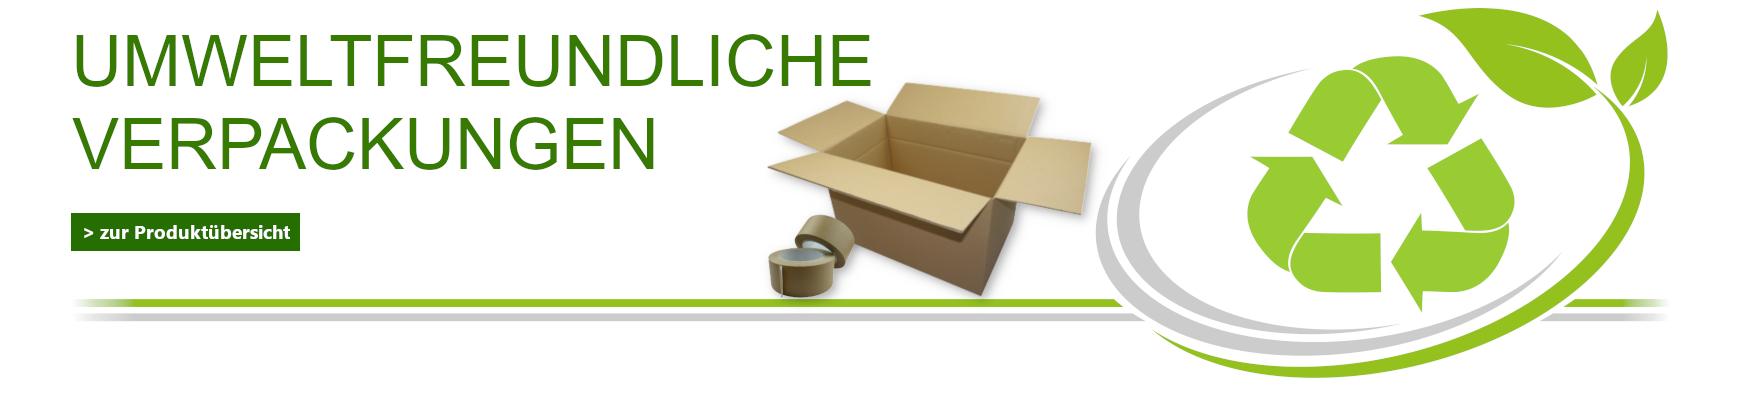 BB_Umweltfreundliche-Verpackungsprodukte